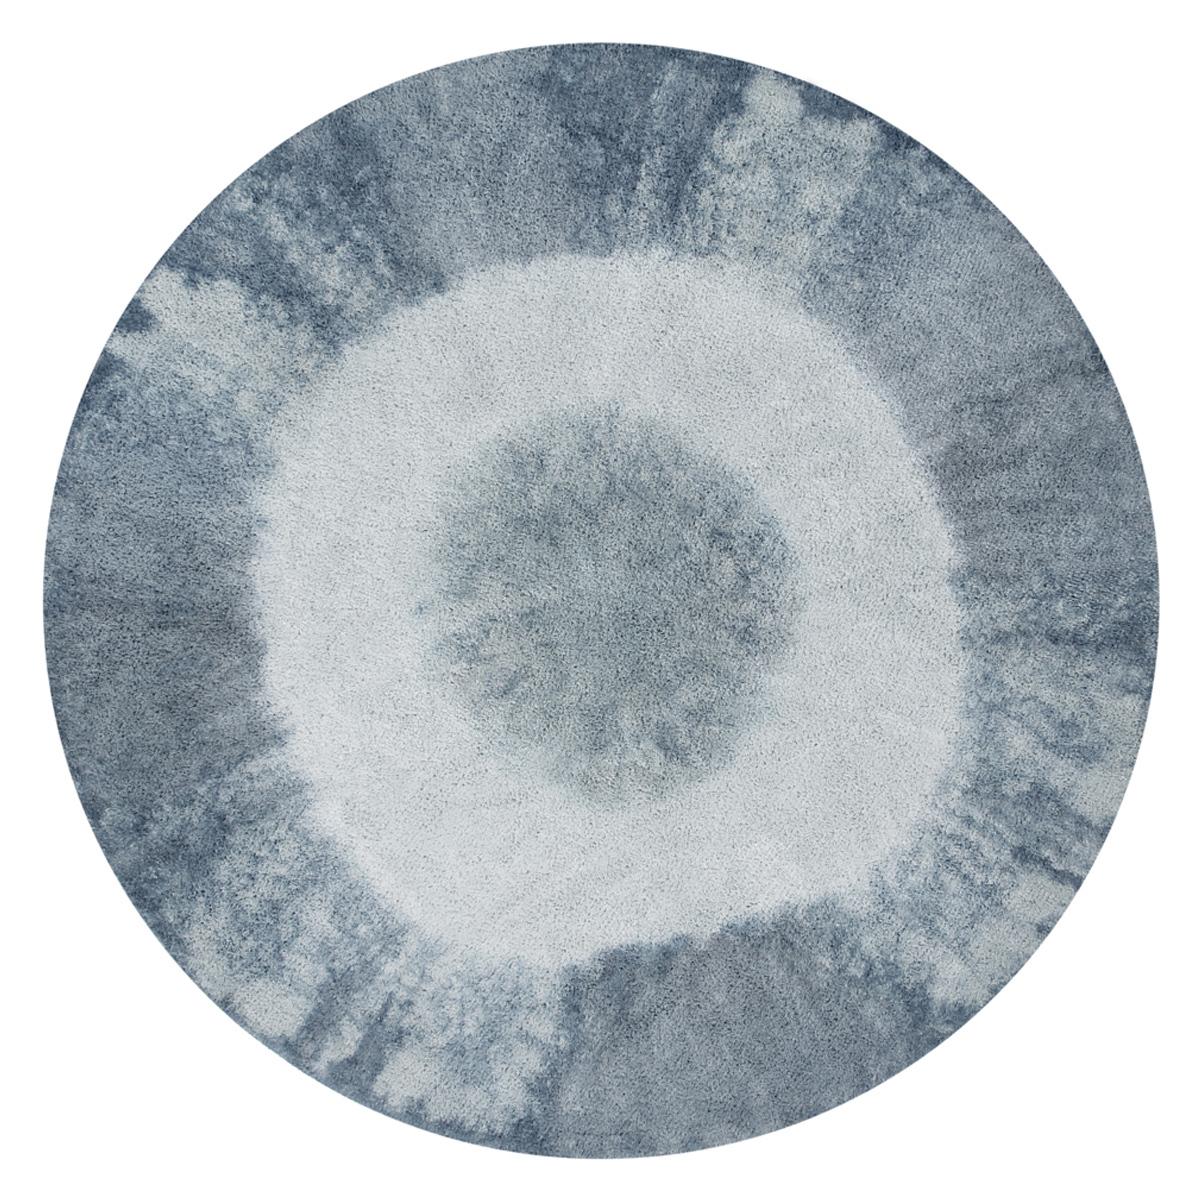 Tapis Tapis Lavable Tie-Dye Vintage Blue - Ø 150 cm Tapis Lavable Tie-Dye Vintage Blue - Ø 150 cm